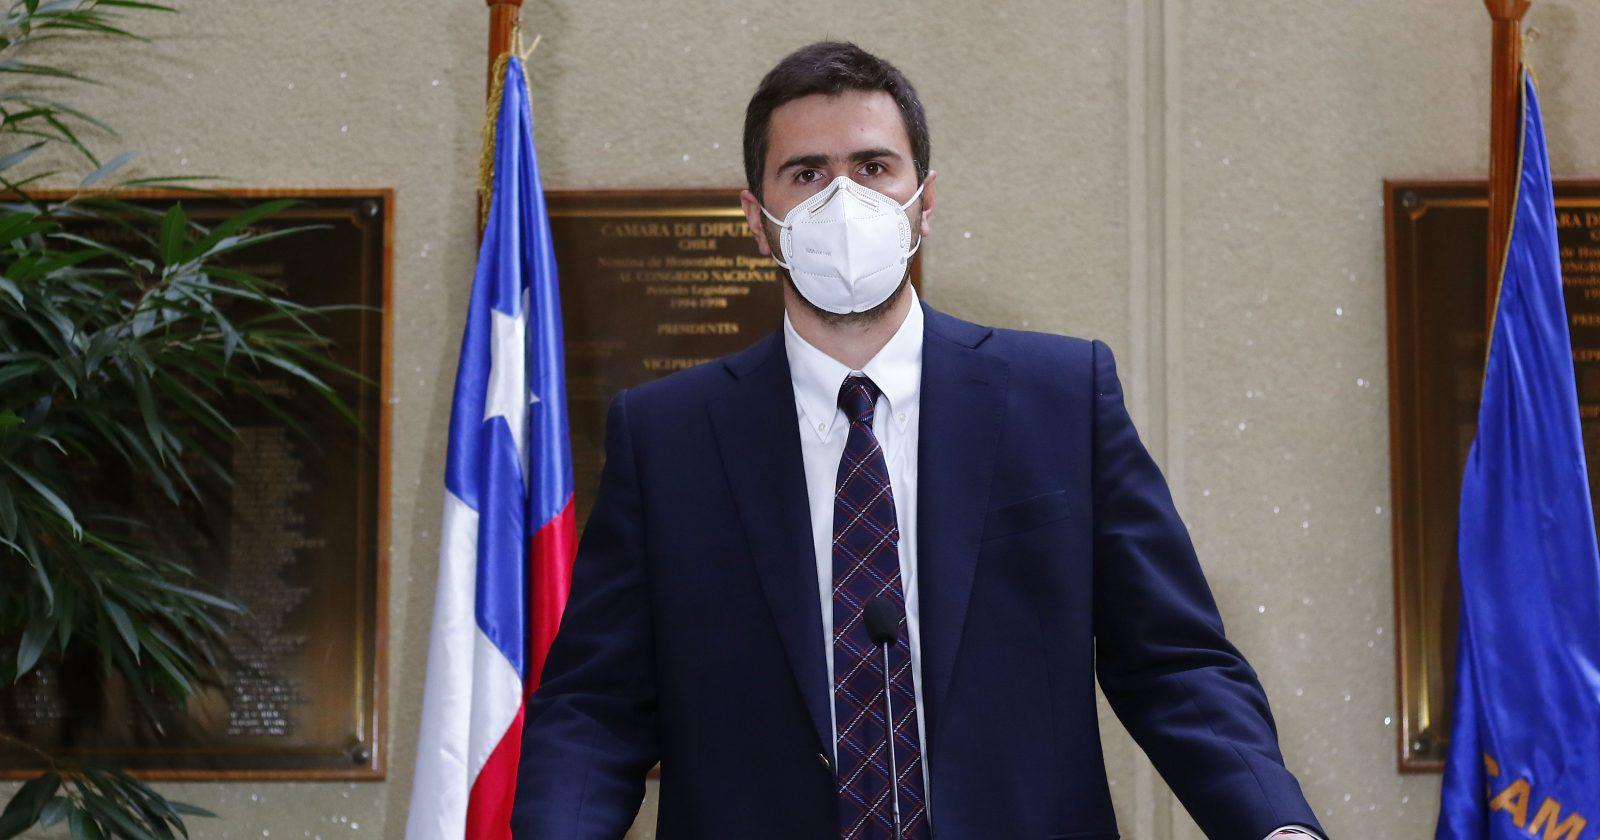 Los descargos de Paulsen por intento de censura del Partido Radical